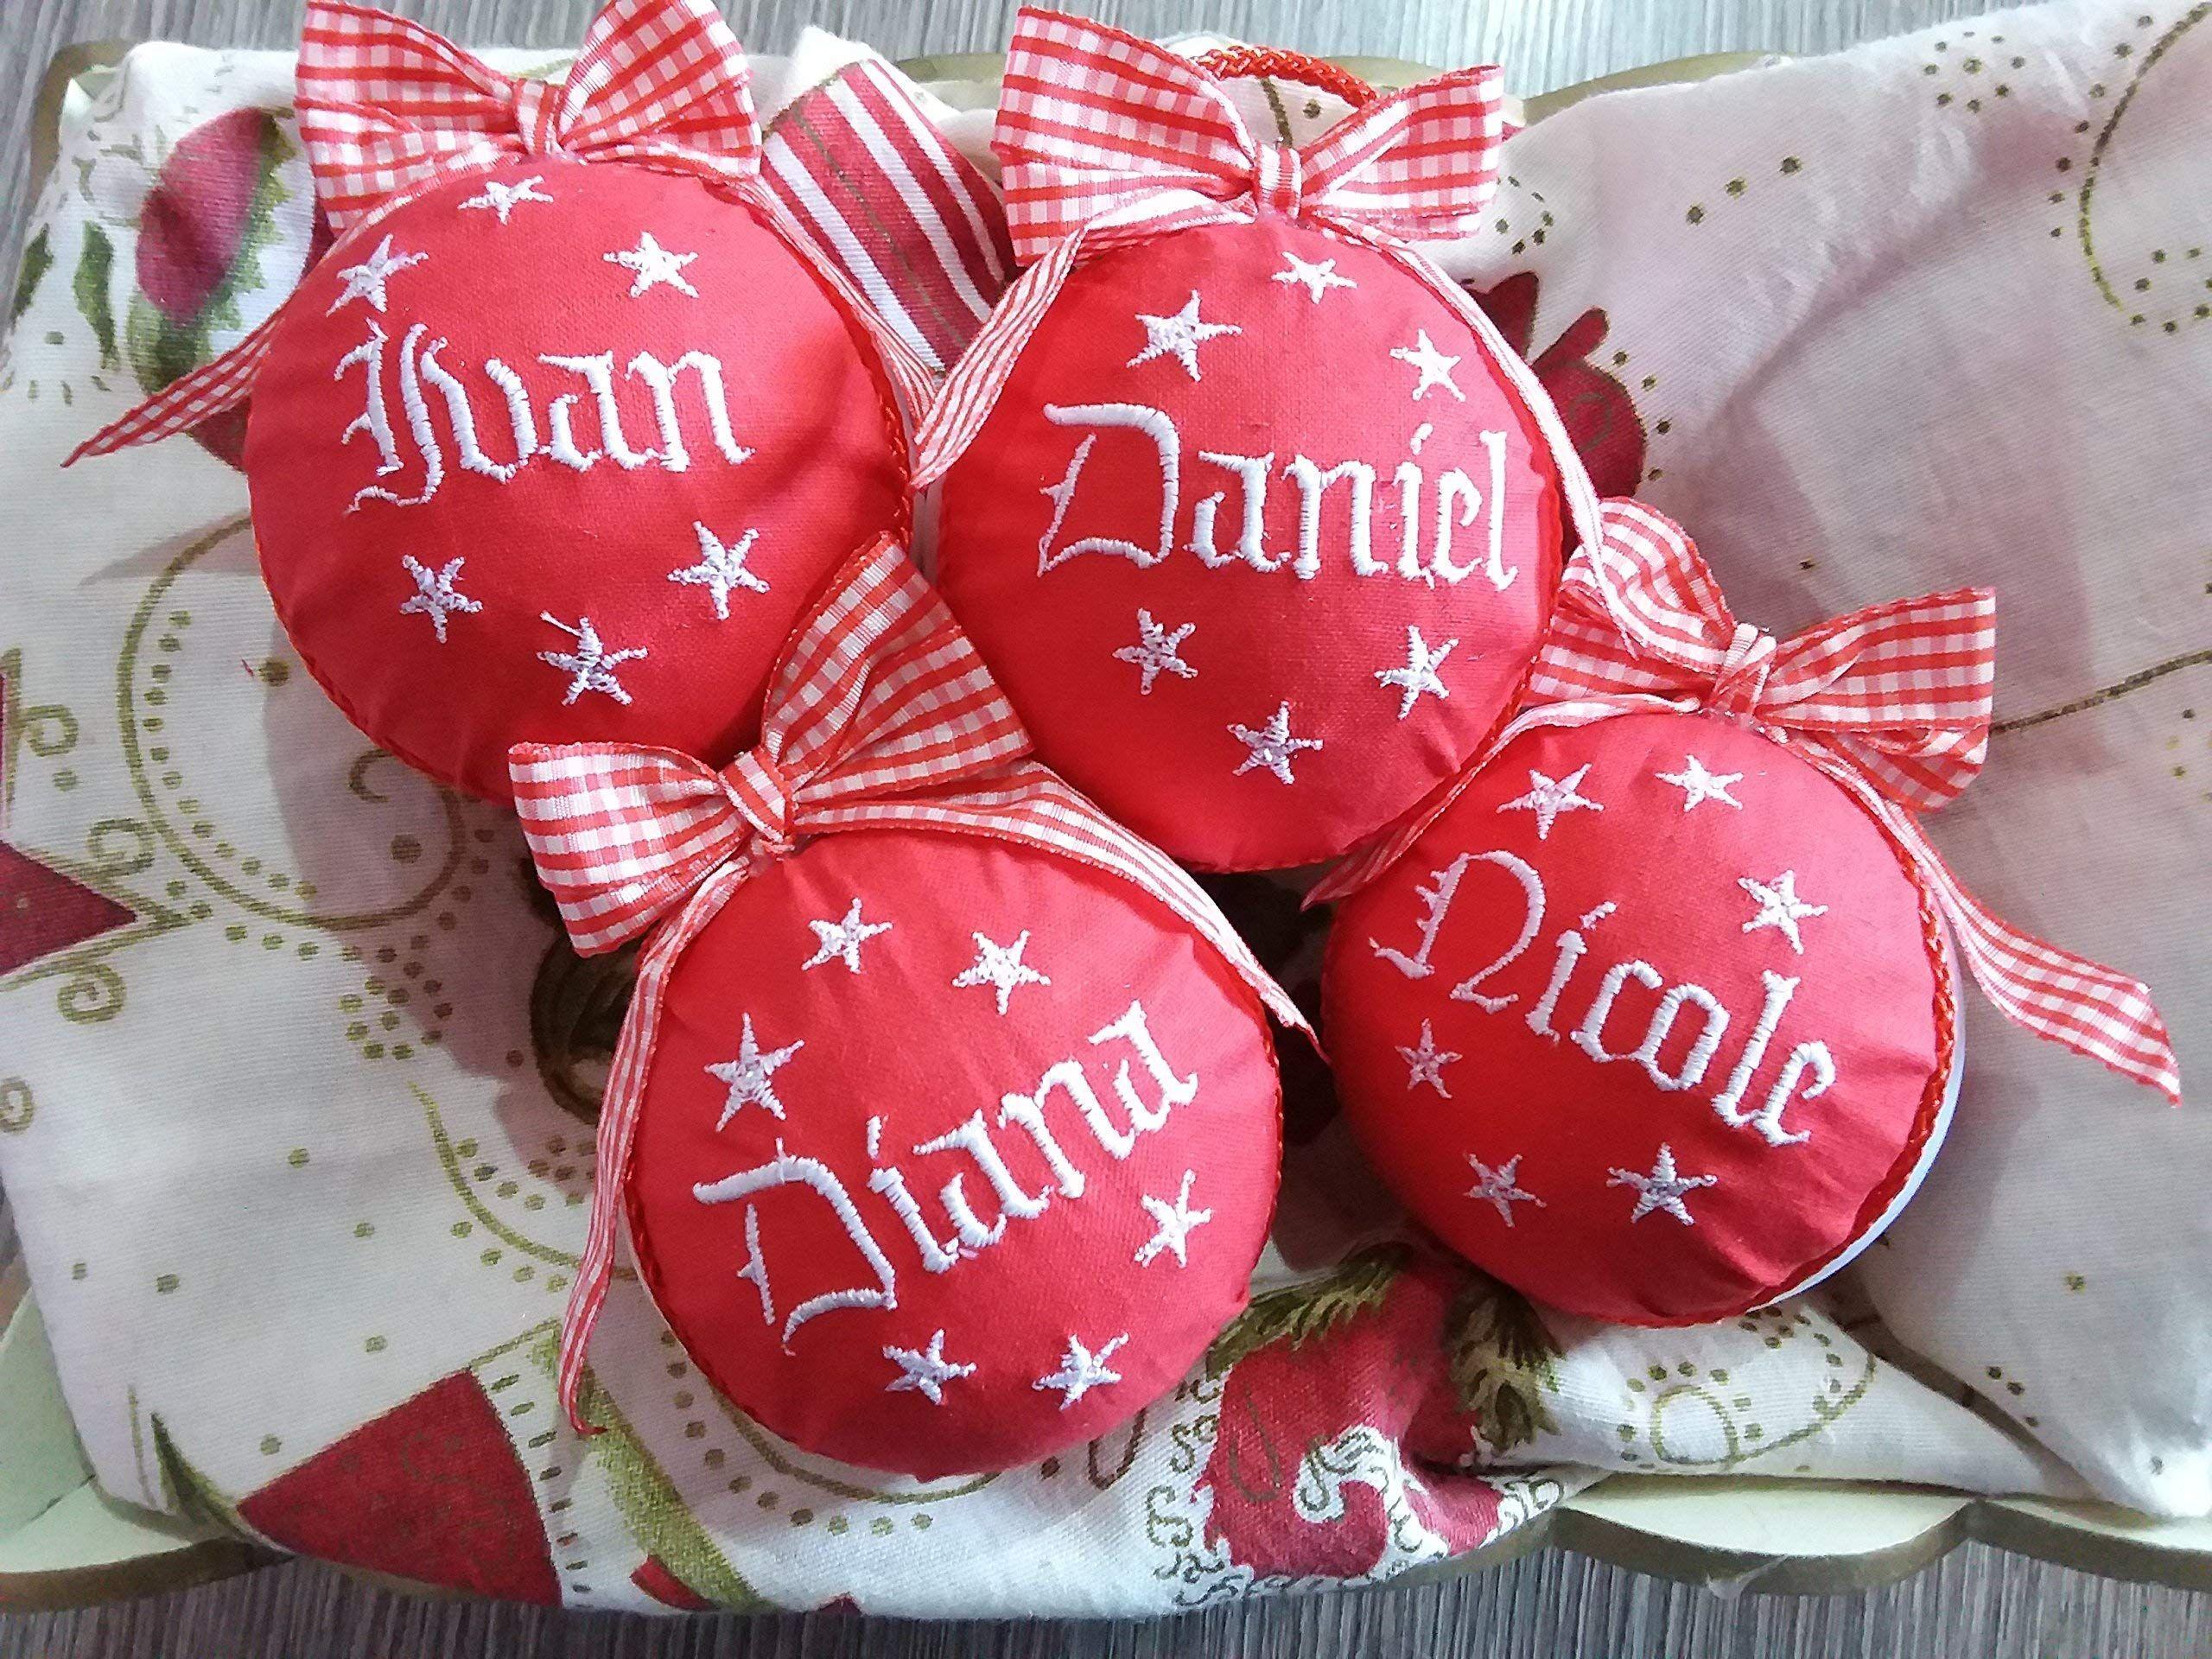 Crociedelizie offerta set da 5 palline di Natale personalizzate 8 cm nome ricamato decorazione natalizia personalizzabile scegli tu i modelli